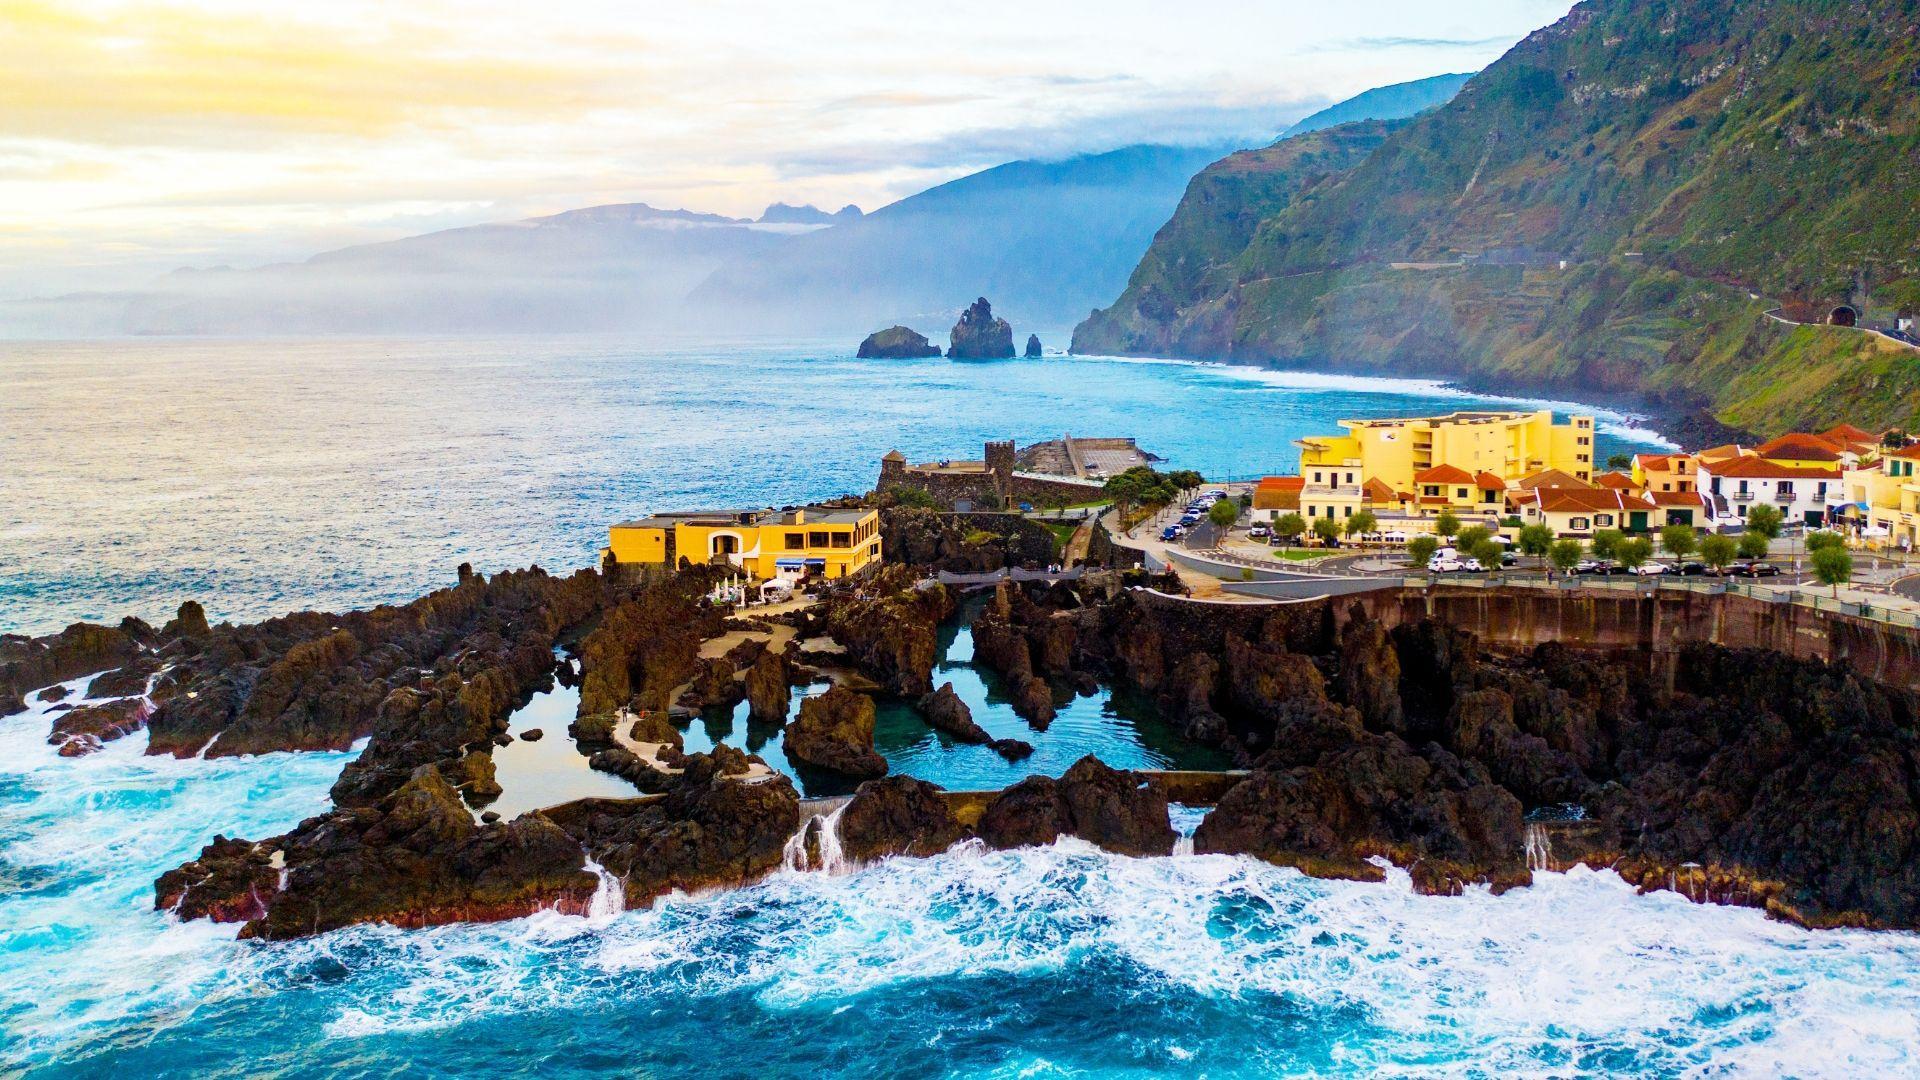 Išsimaudykite Porto Moniz vulkaniniuose baseinuose